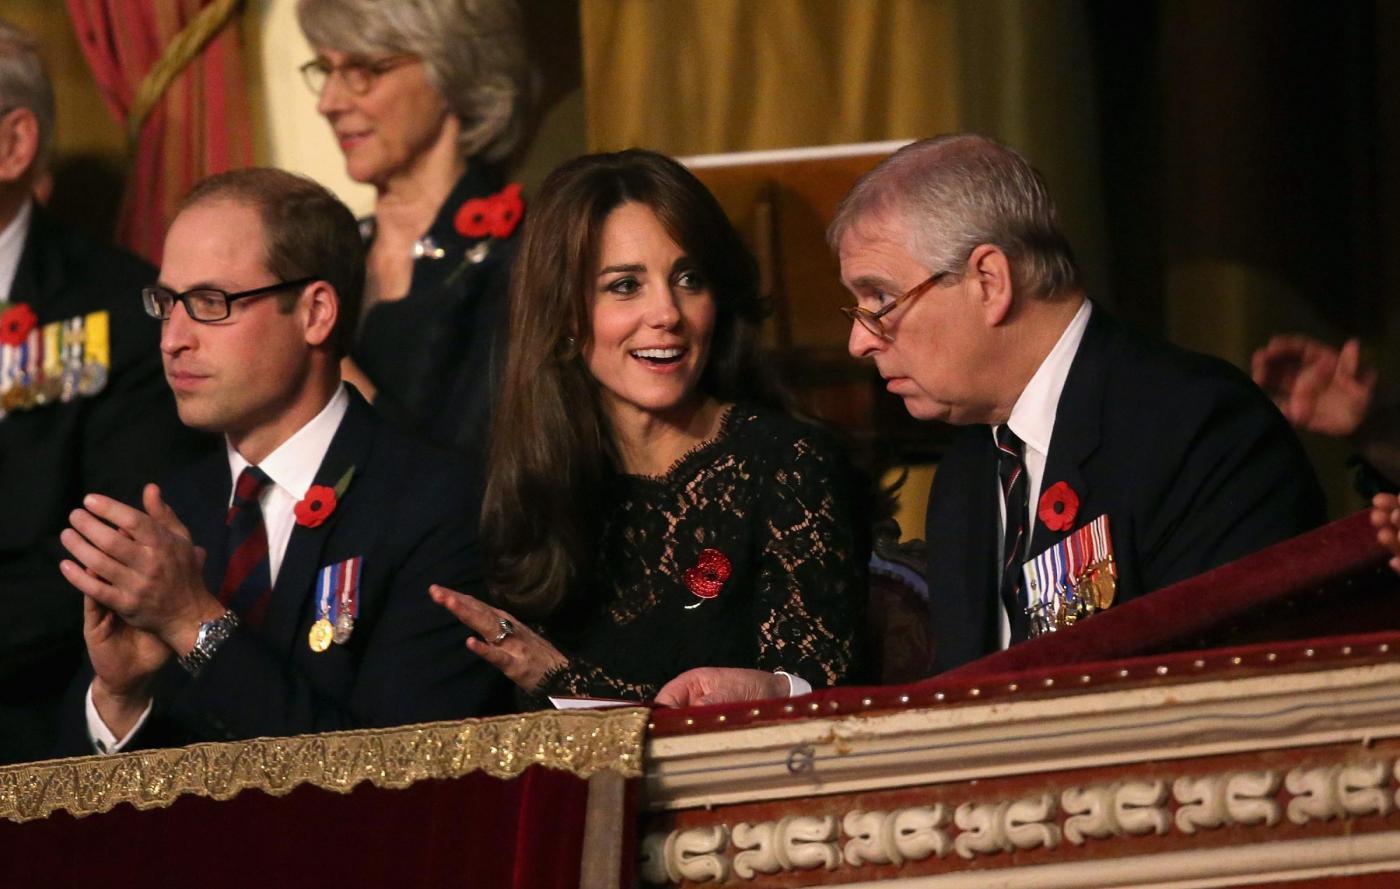 Kate Middleton copia Monica Bellucci: stesso vestito FOTO 8